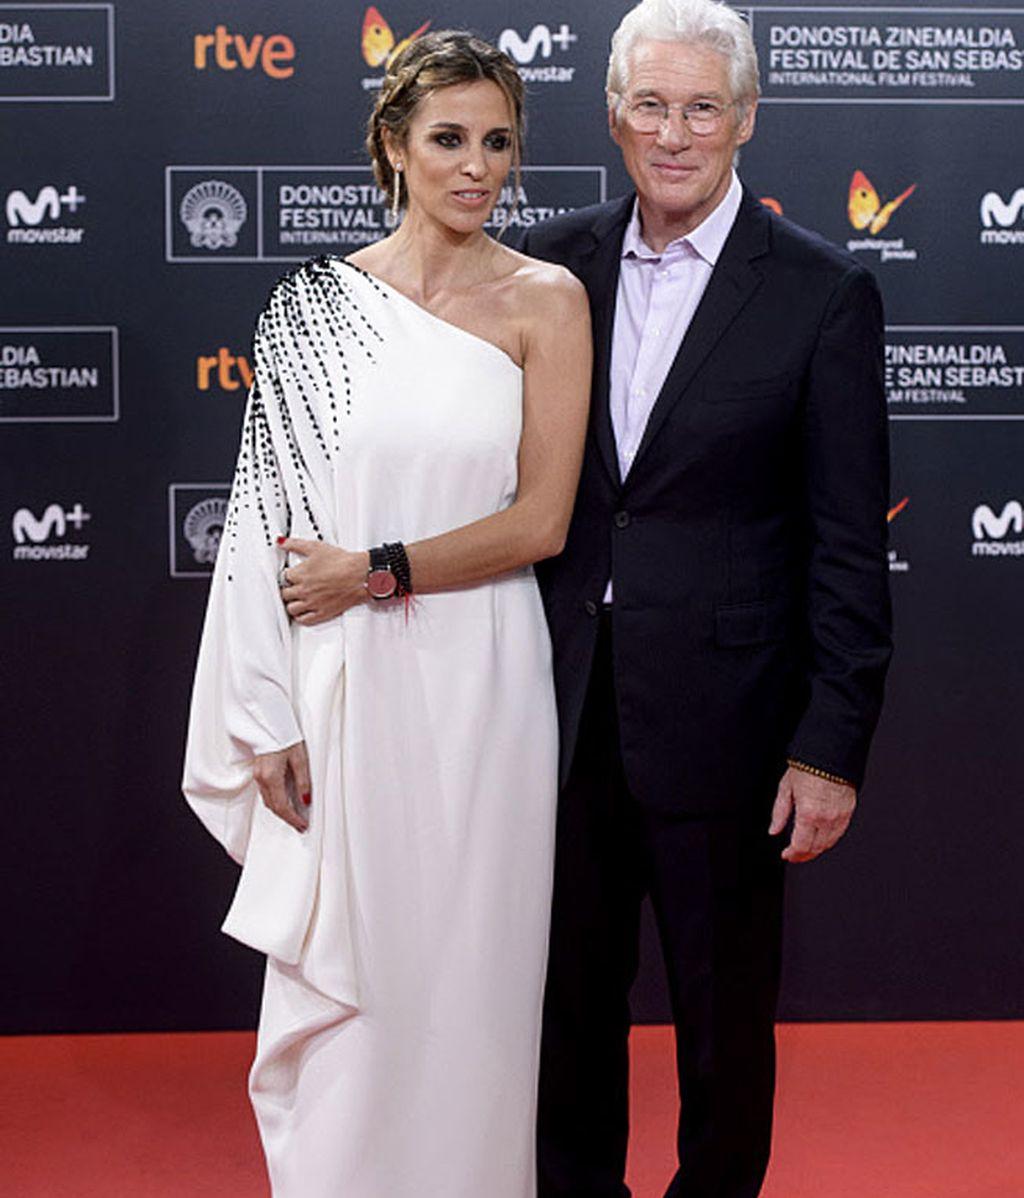 Richard Gere y Alejandra Silva deslumbraron en la alfombra roja